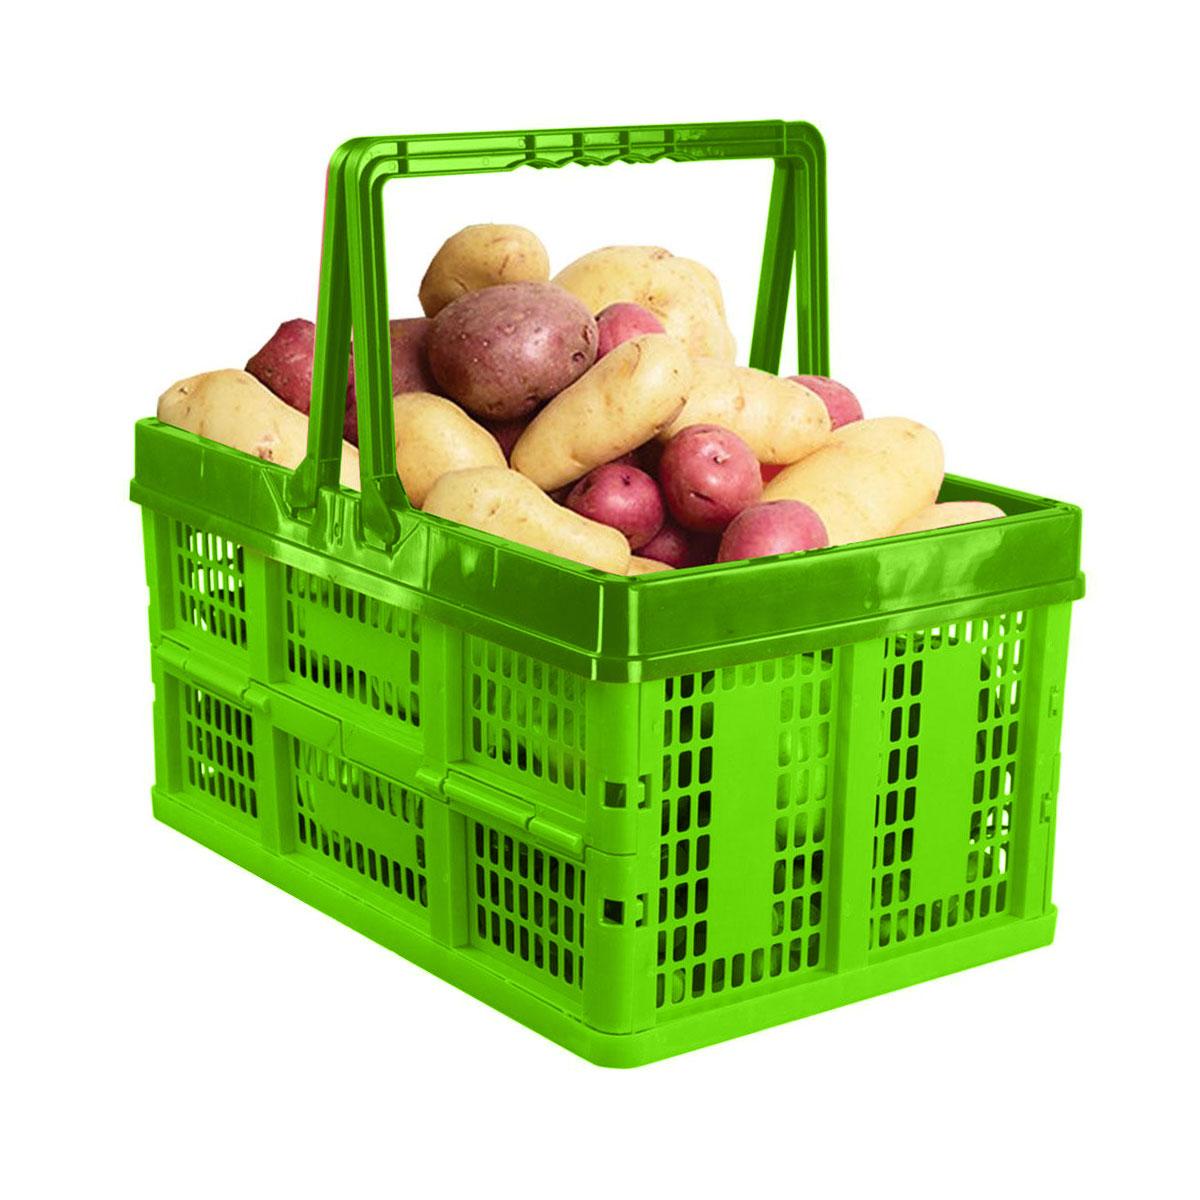 Ящик универсальный Альтернатива, раскладной, цвет: зеленый, салатовый, 38,5 см х 25,5 см х 21 см деревянный ящик ящик покрытия держатель ткани ретро ткань дело для салфеток